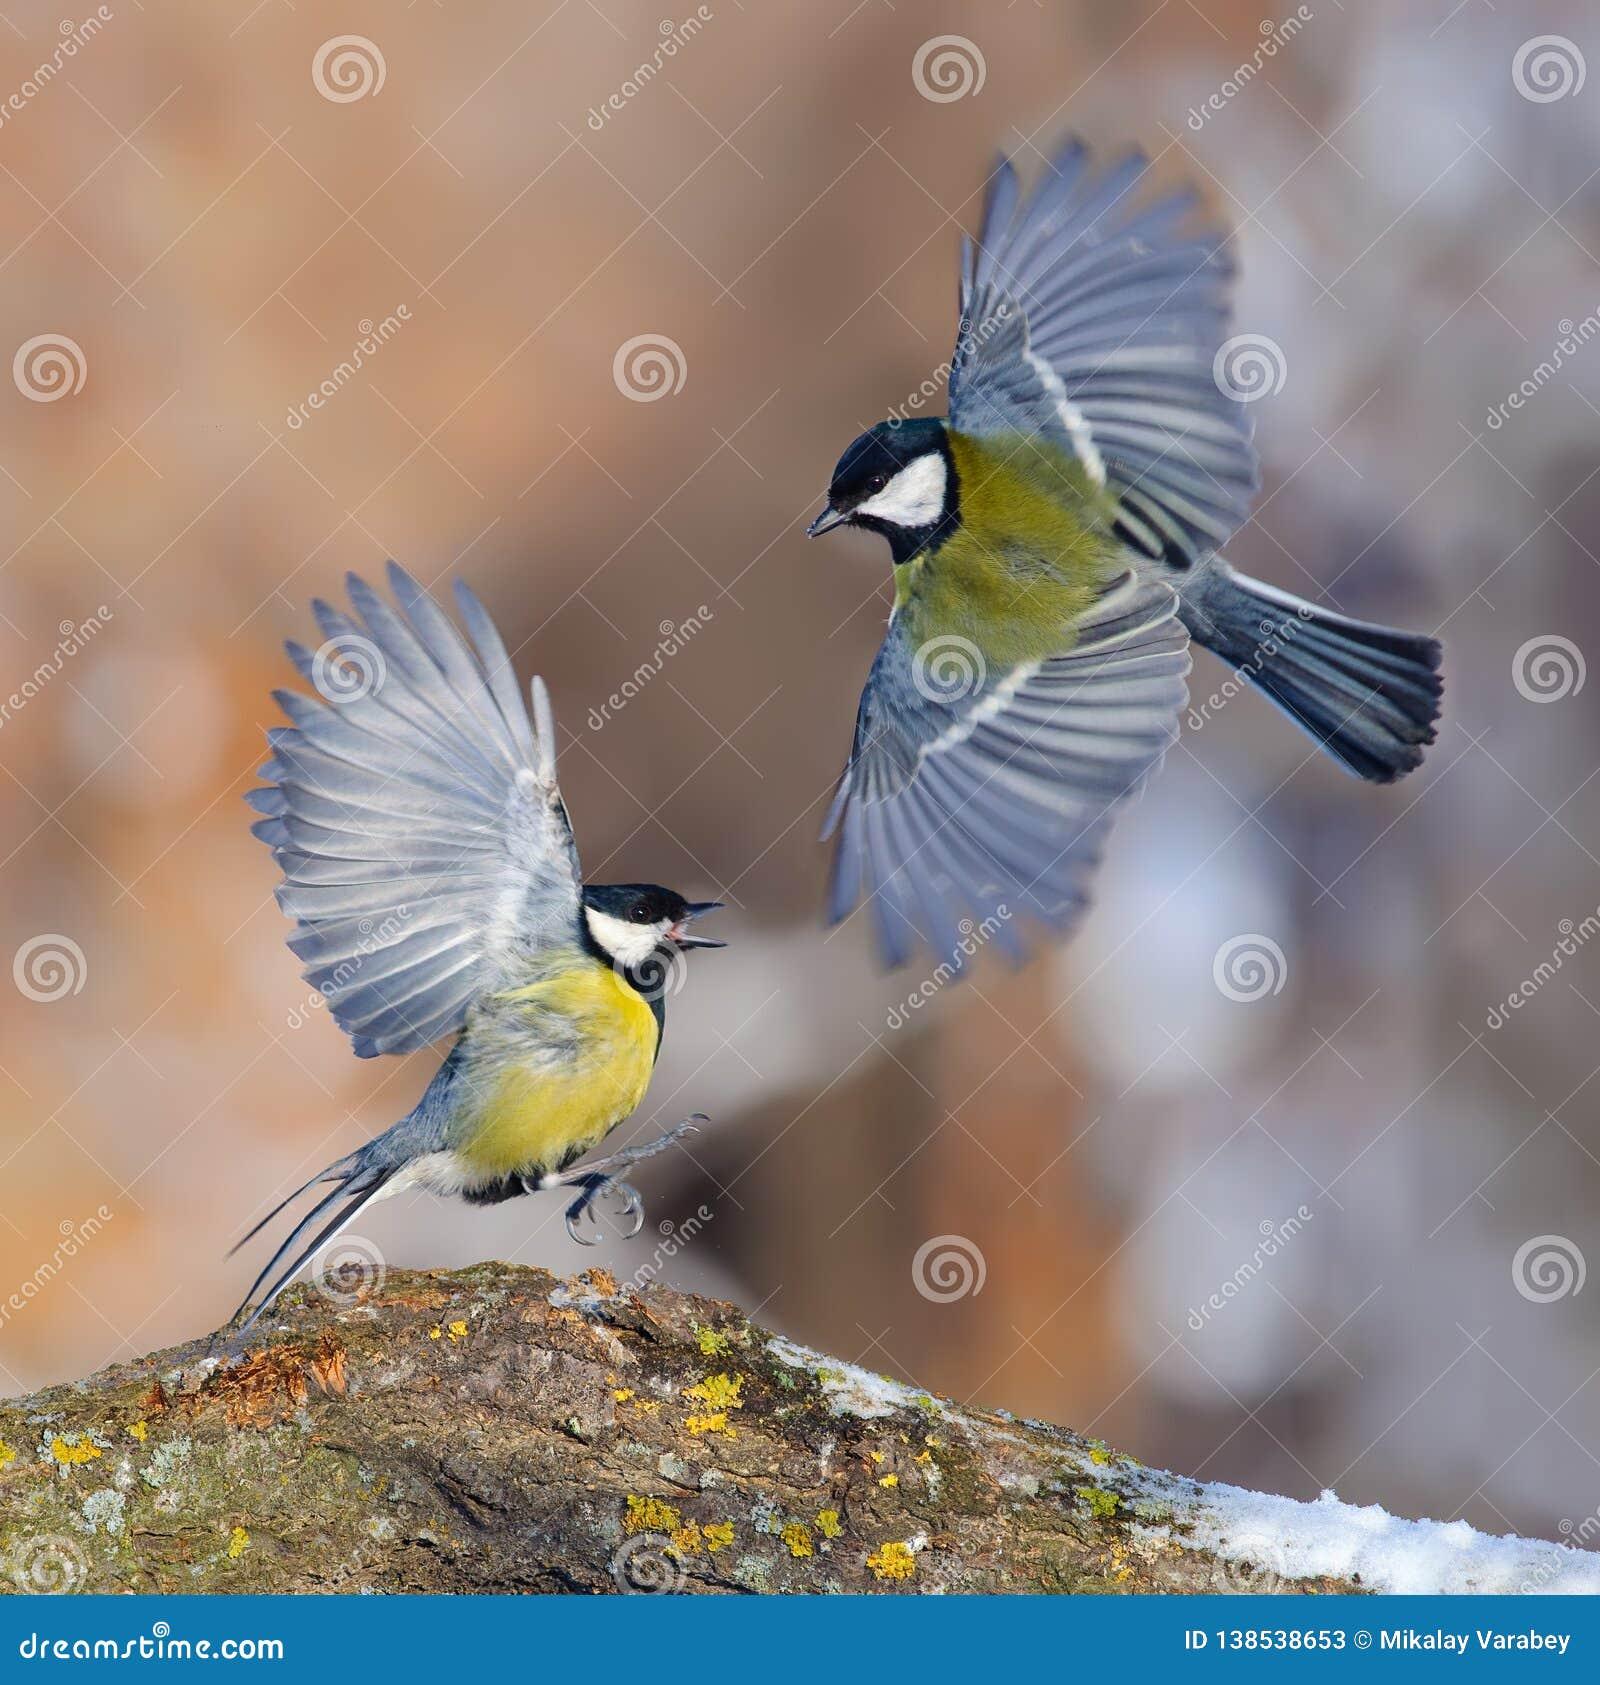 Dois grandes melharucos opõem exposição a toda a raiva e plumagem brilhante